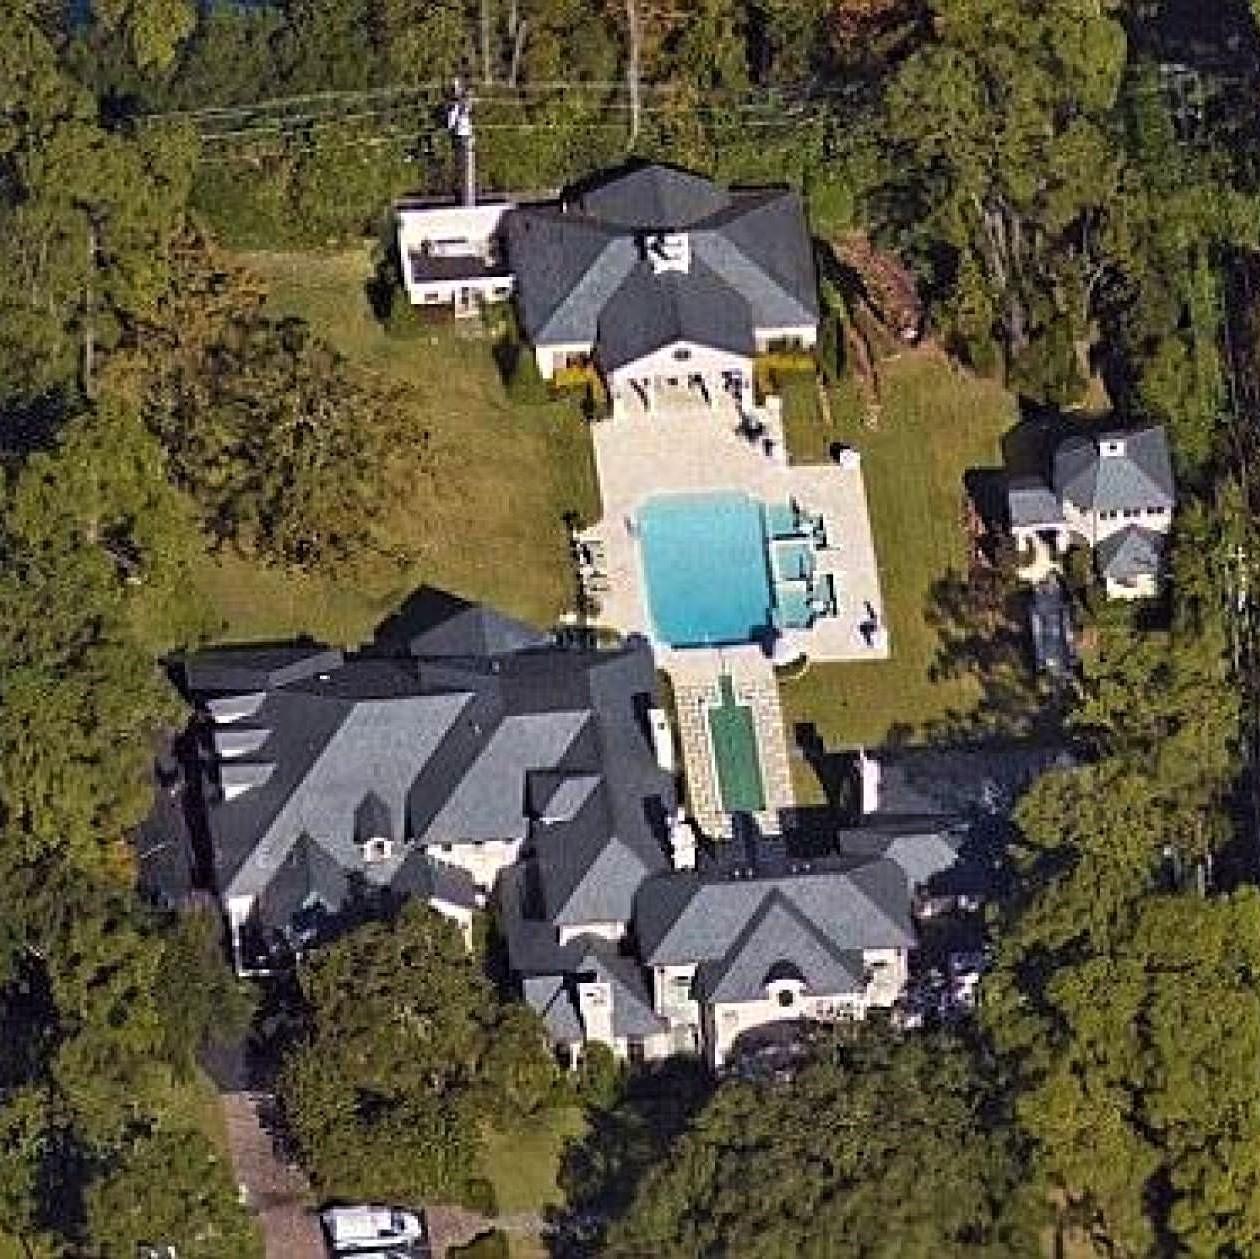 Televangelist Joel Osteen's mansion in Houston, Texas